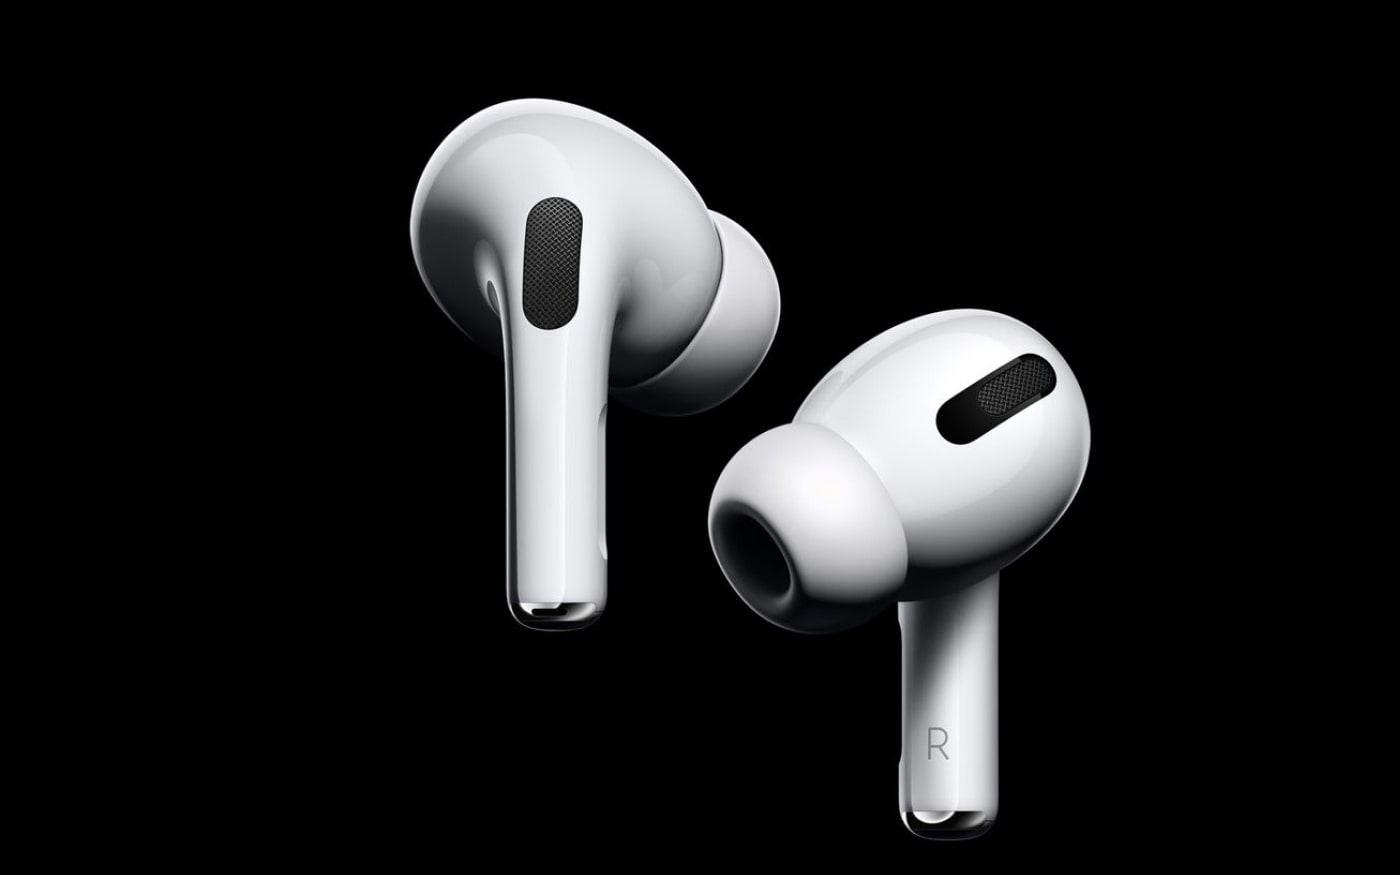 [AirPods Pro] Apple revela a 3ª geração de seus fones Bluetooth True Wireless